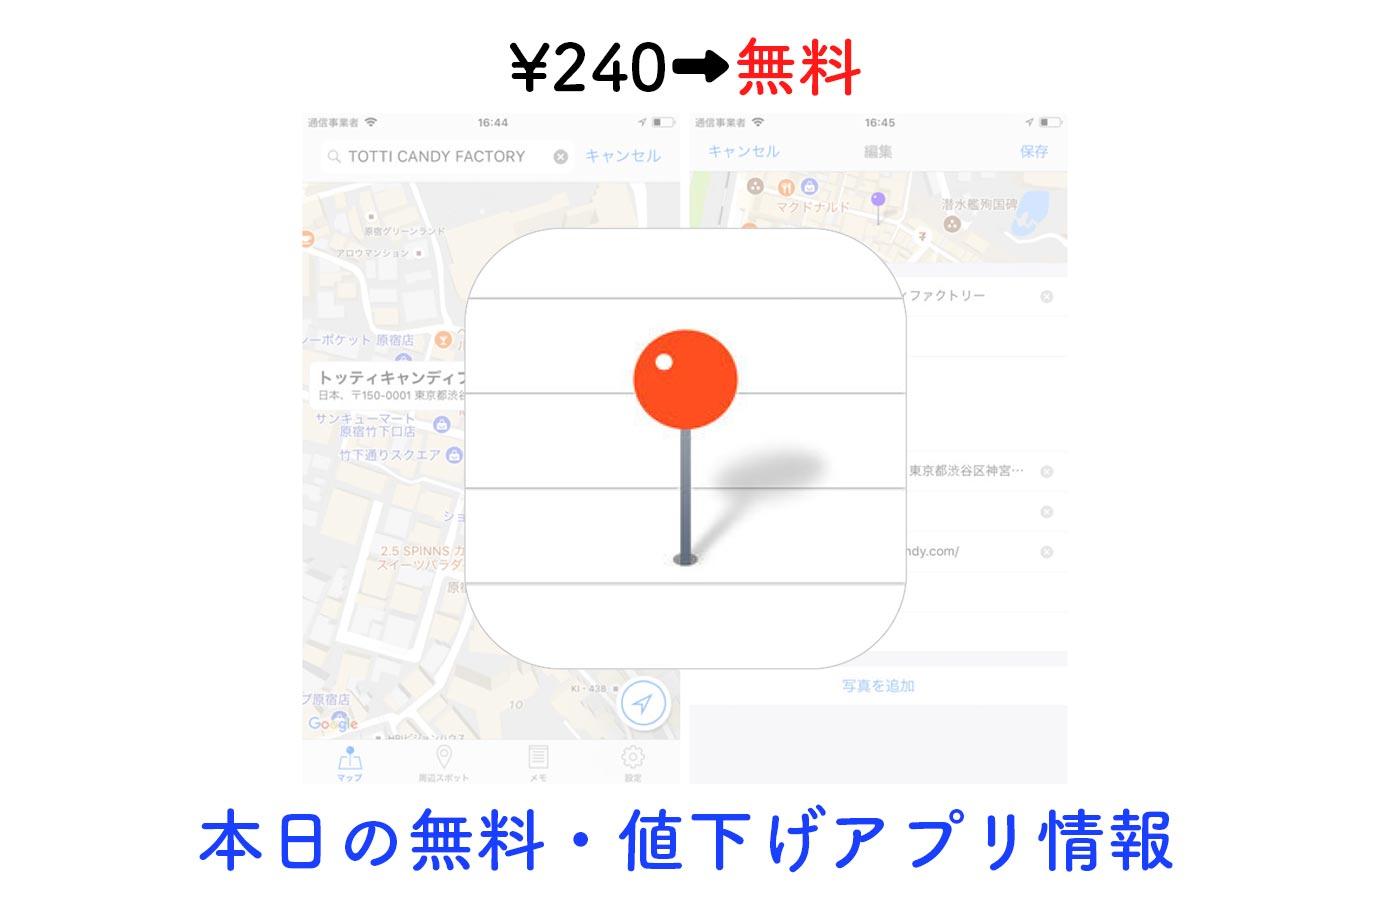 ¥240→無料、マップにメモが残せるアプリ「ジオメモ」など【11/14】本日の無料・値下げアプリ情報